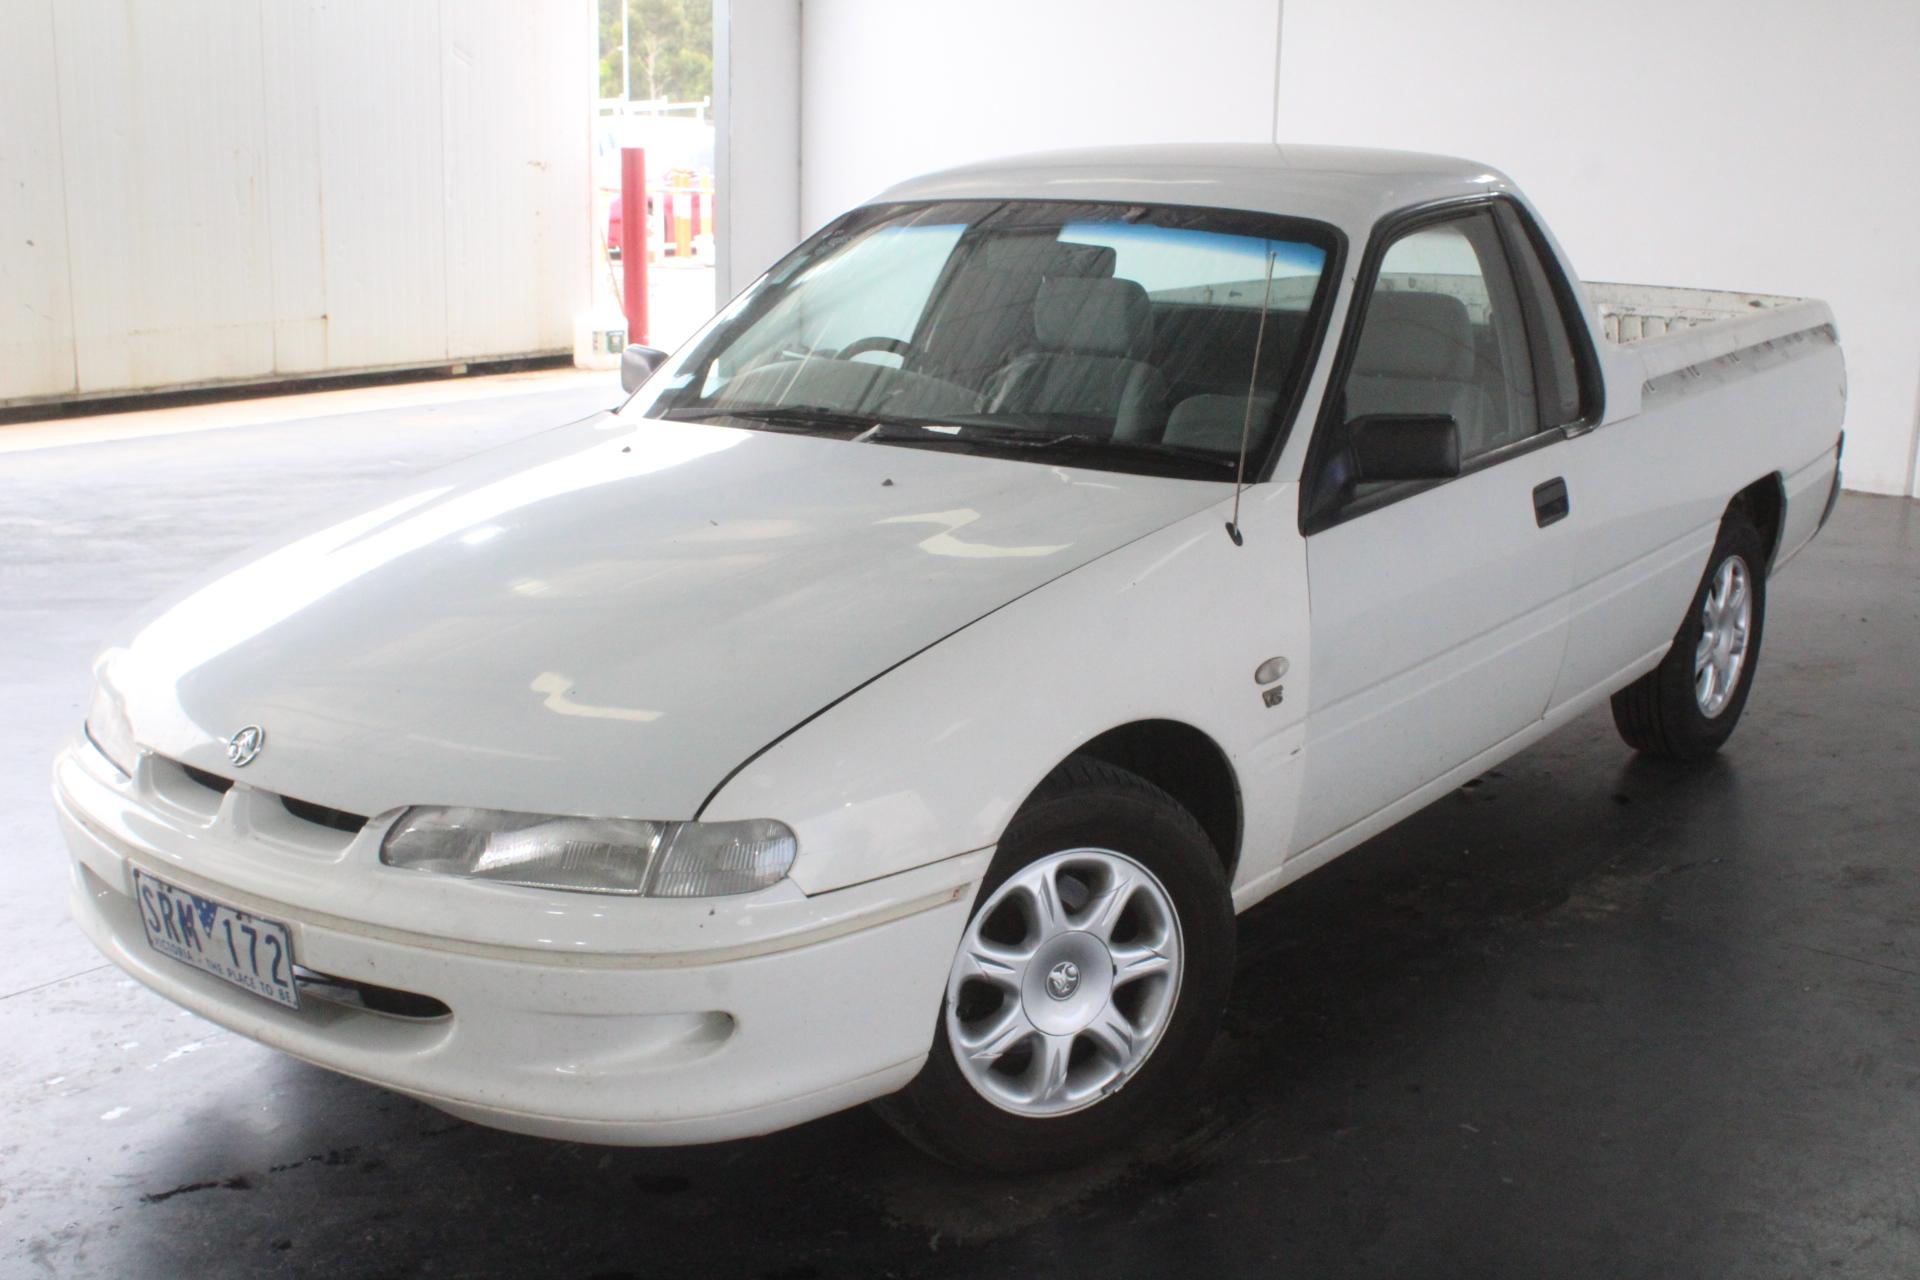 1998 Holden Commodore VSIII Automatic Ute